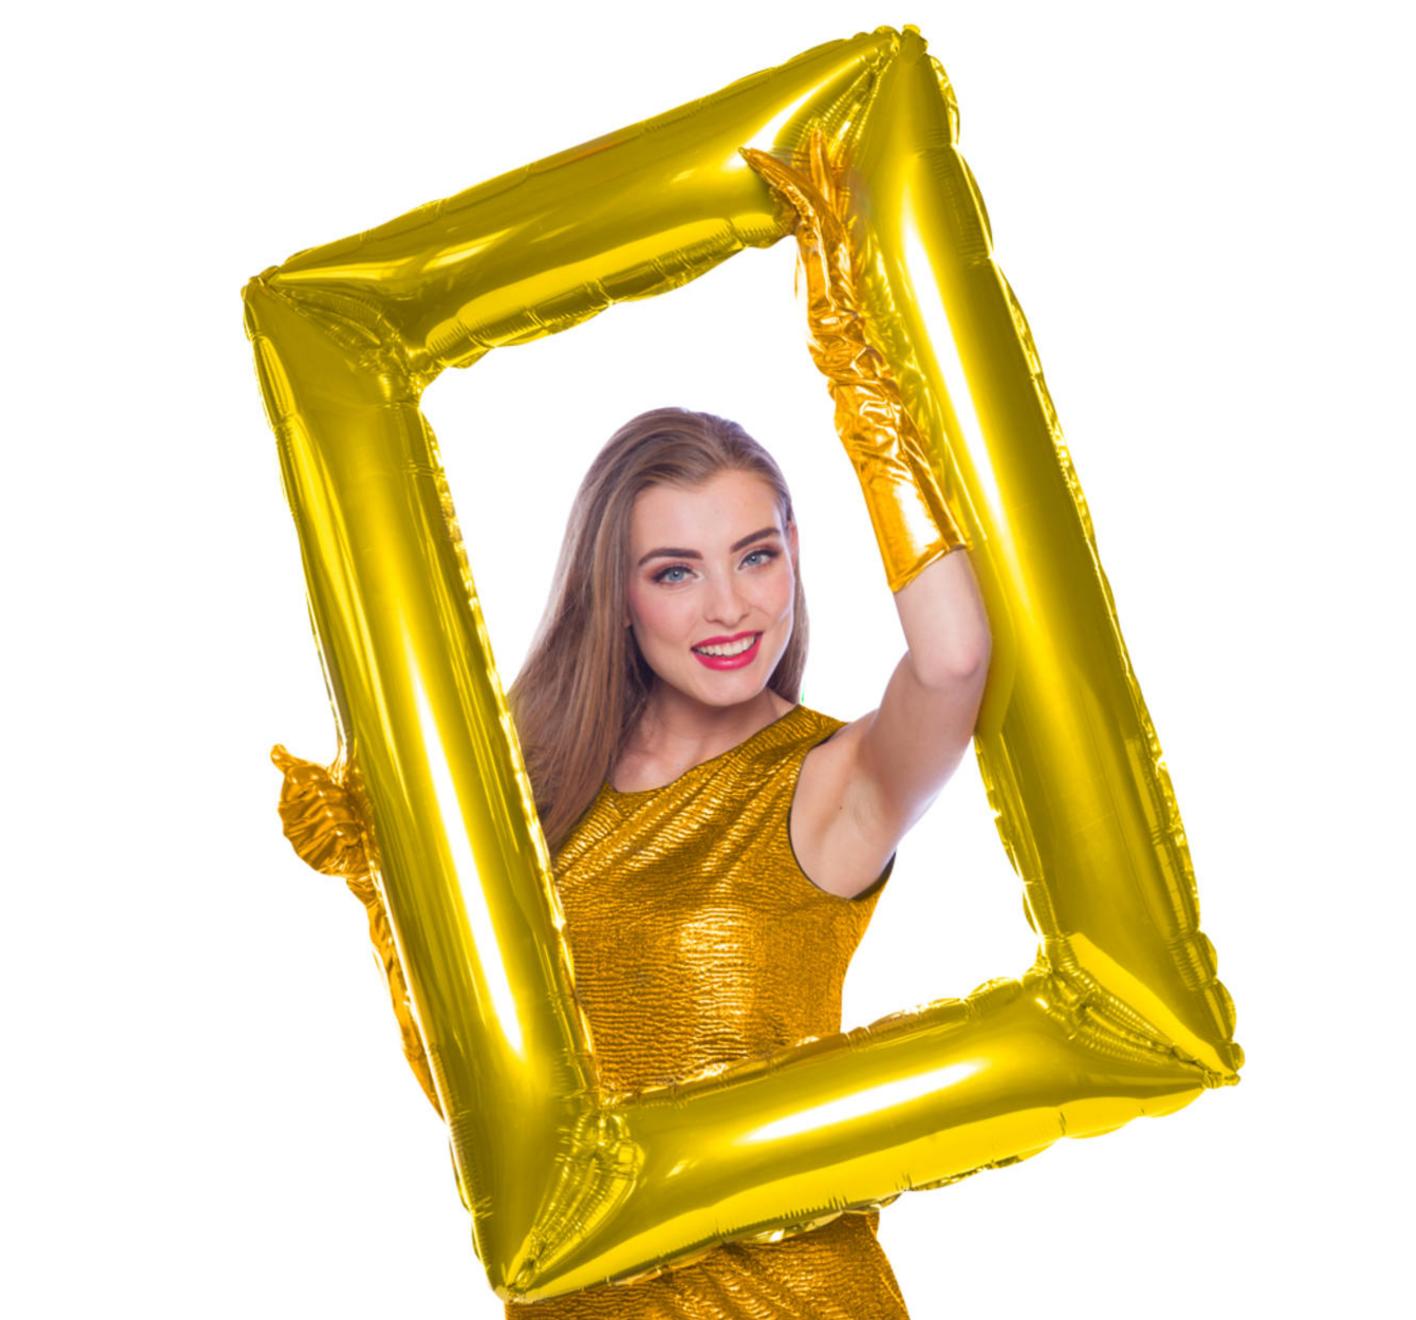 Folieballon - Selfie lijst - Schilderij goud - 60x85cm - Niet voor helium - in Feestartikelen